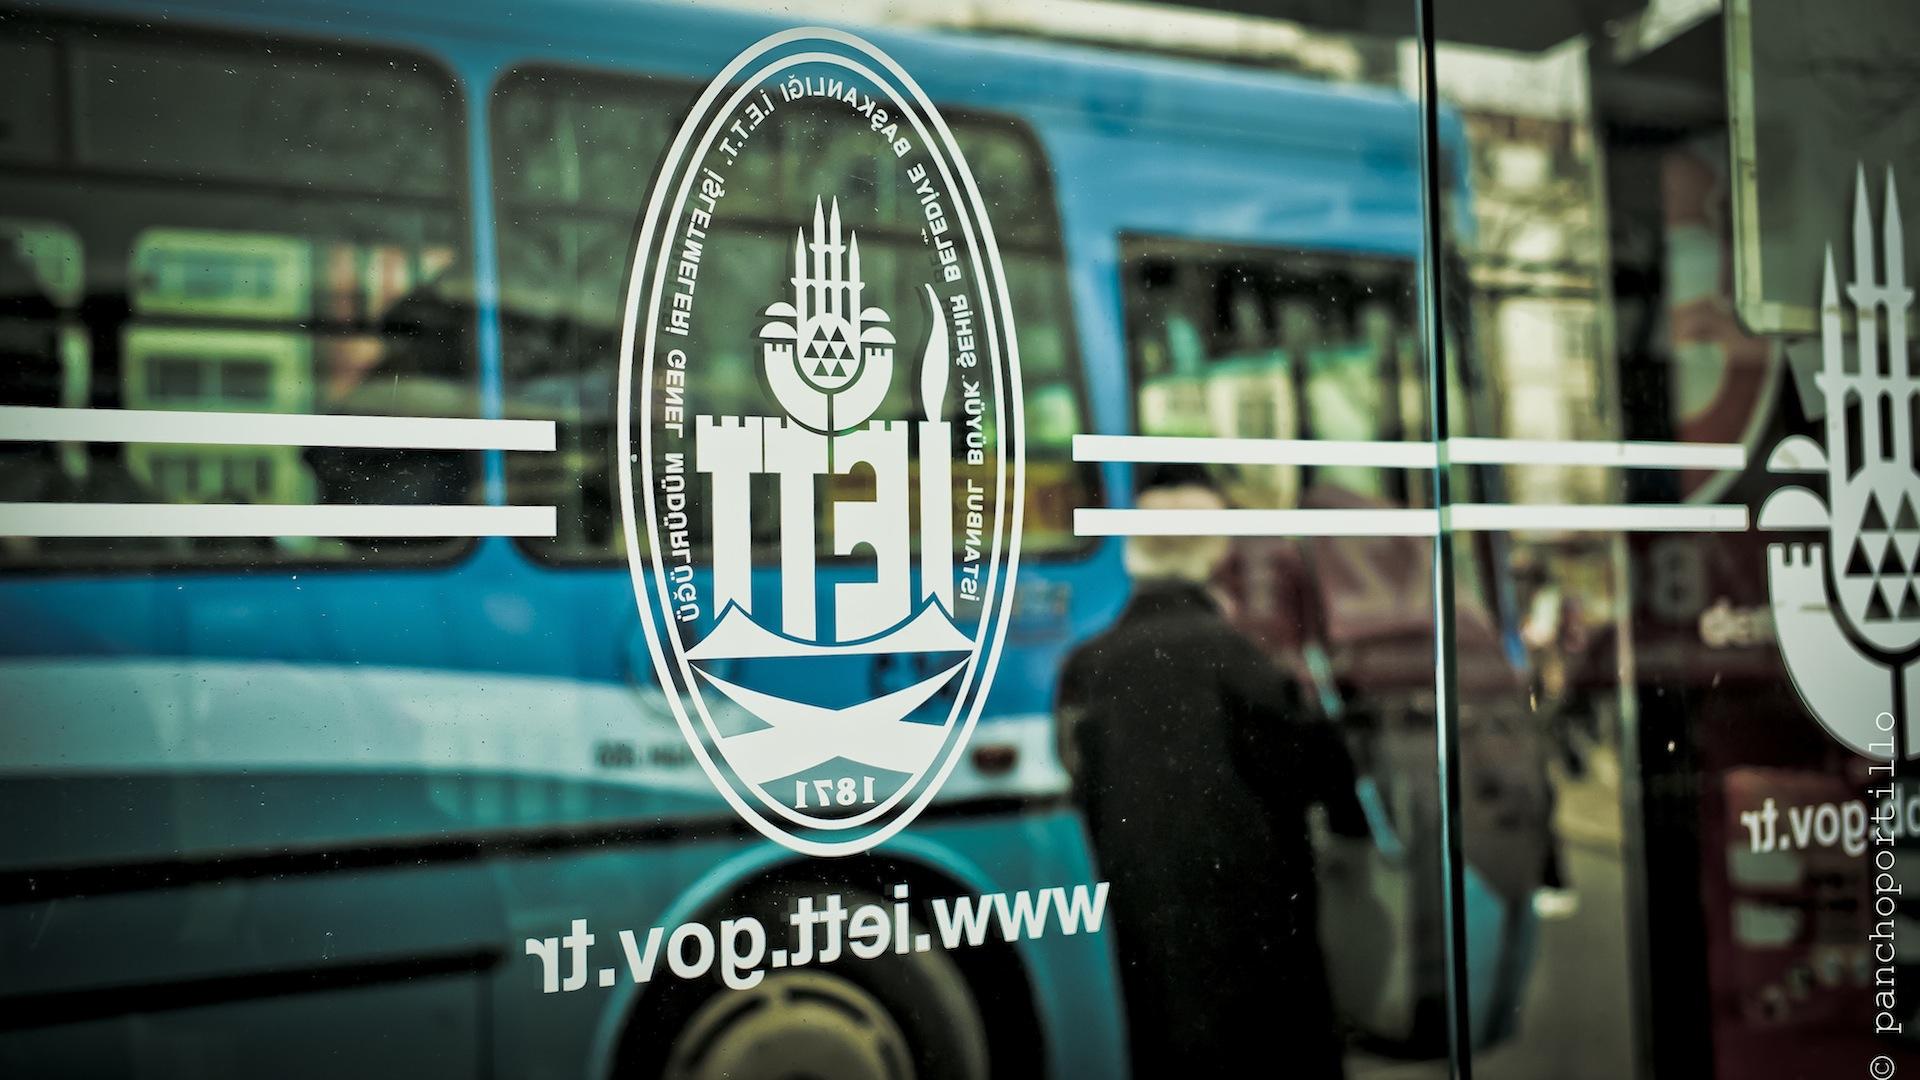 Istambul-12-L1063389